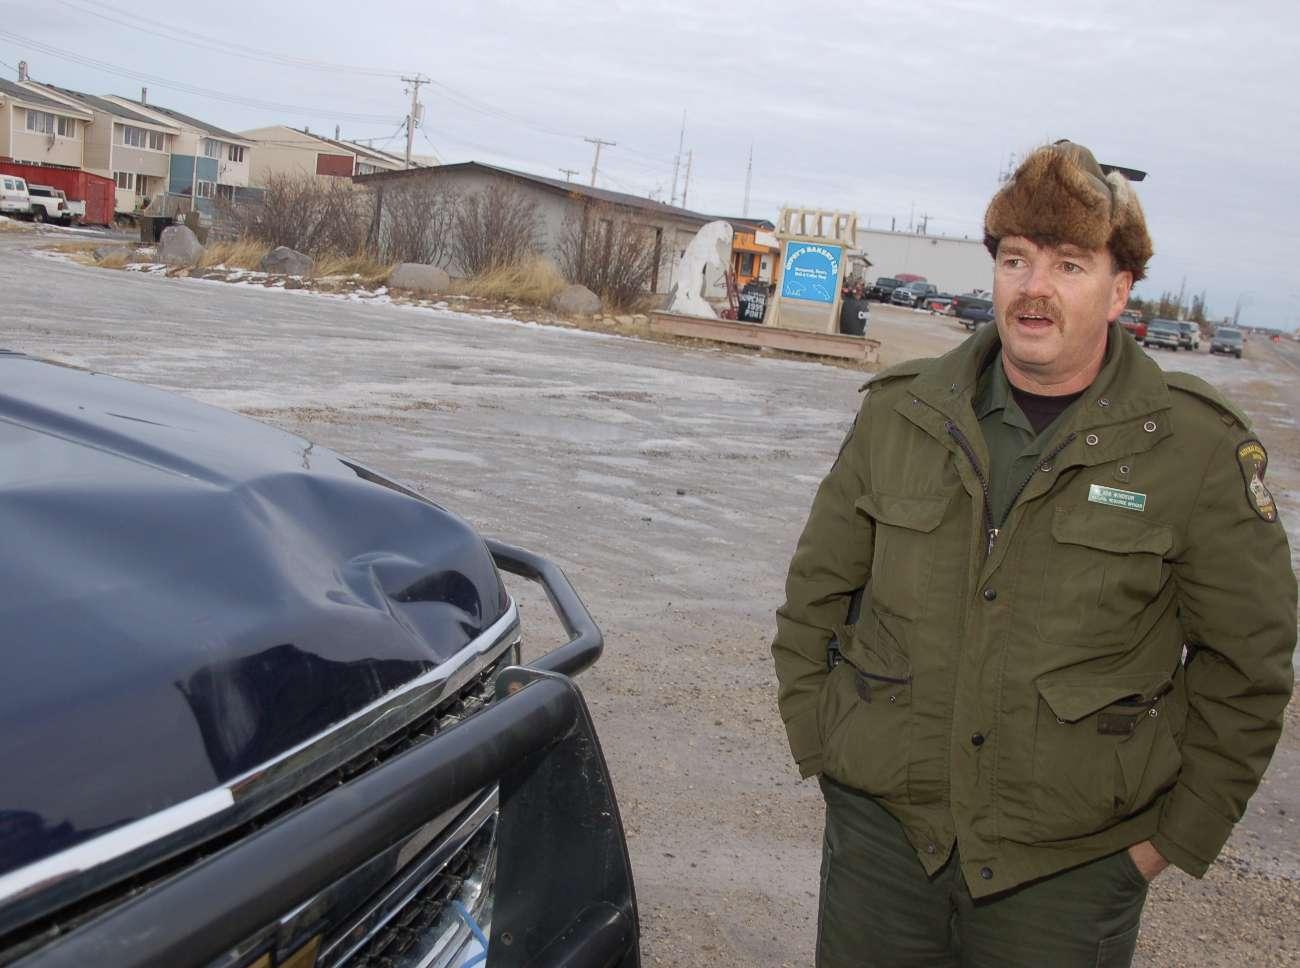 Bob Windsor hält im kanadischen Städtchen die Eisbären in Schach.